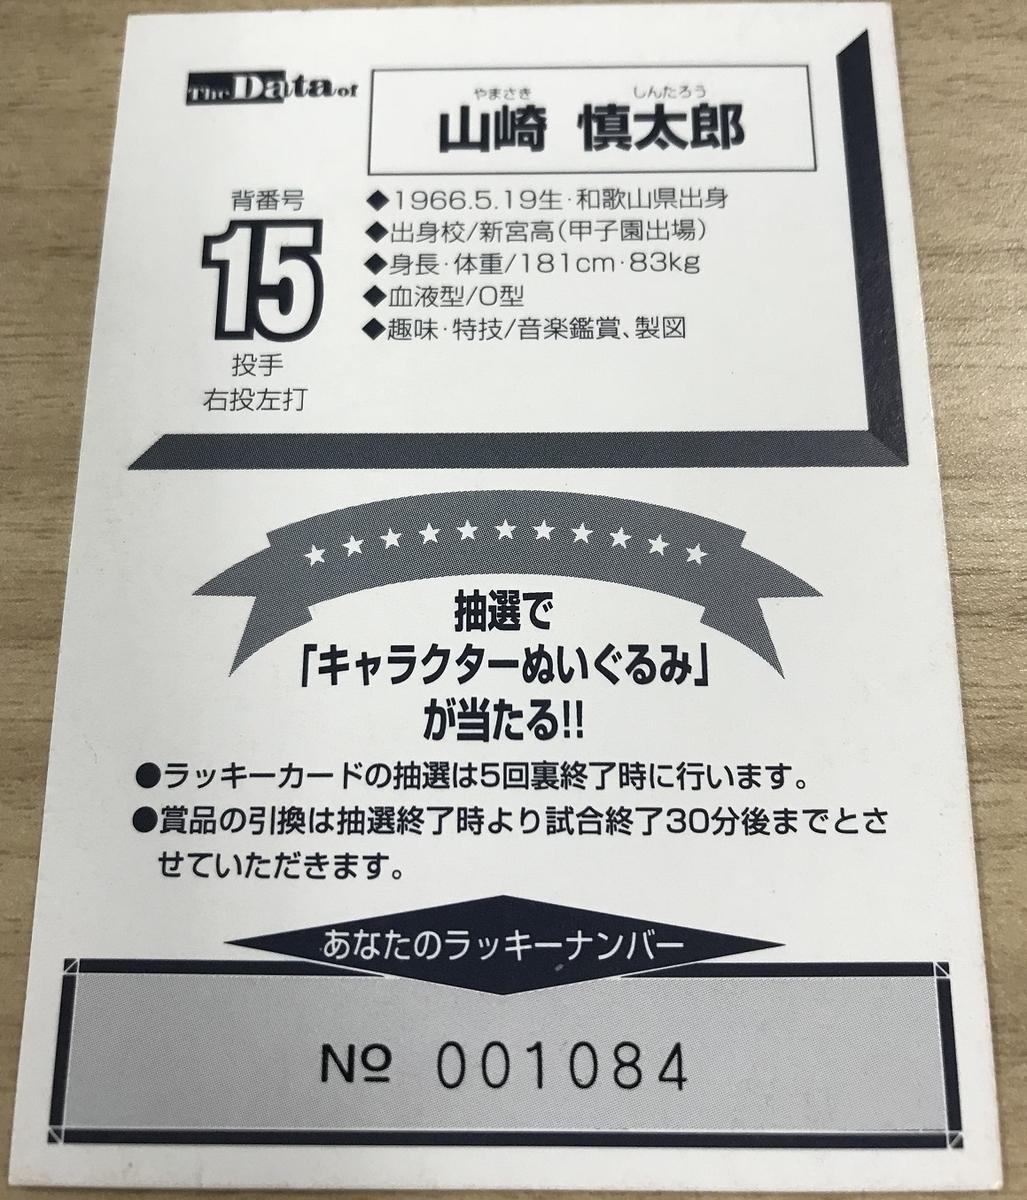 f:id:shibata_pro:20190815110642j:plain